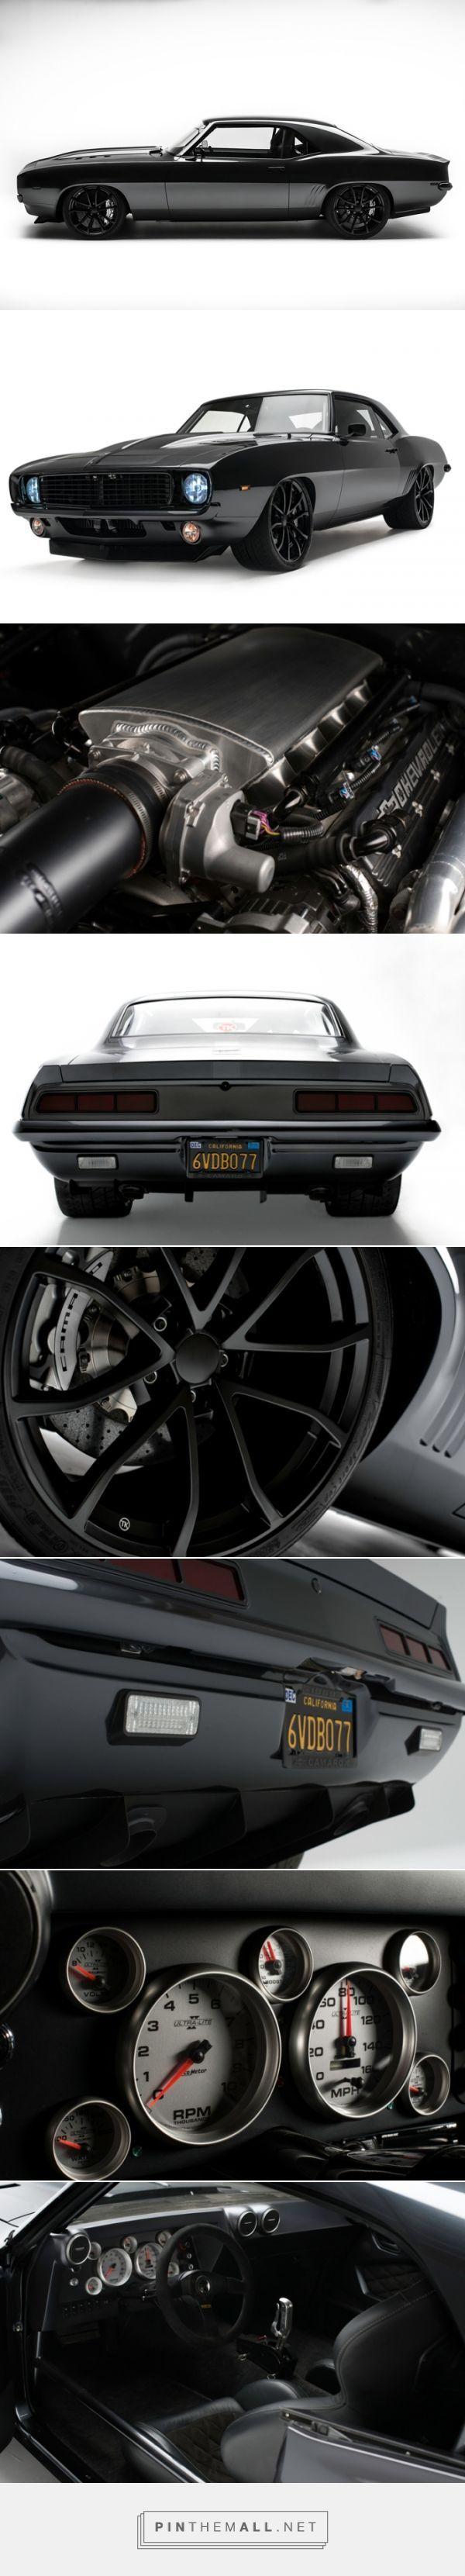 Warten Sie, bis Sie den Chevrolet Camaro von 1969 von Timeless Kustoms sehen